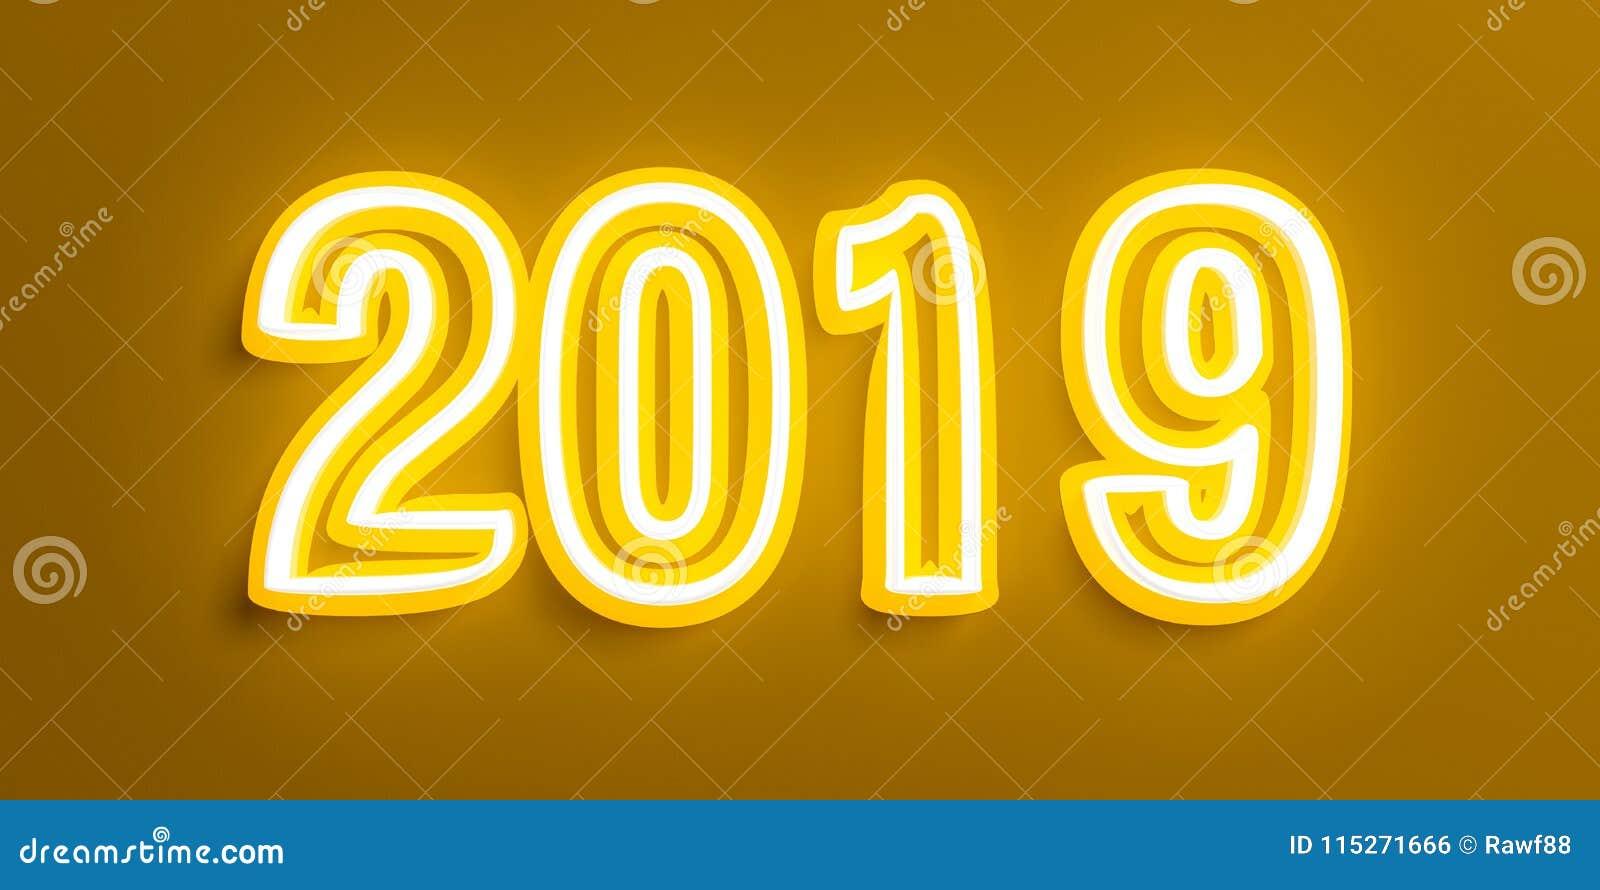 Εκλεκτής ποιότητας νέο έτος 2019 με τα κίτρινα άσπρα ψηφία στο καφετί υπόβαθρο τρισδιάστατη απεικόνιση